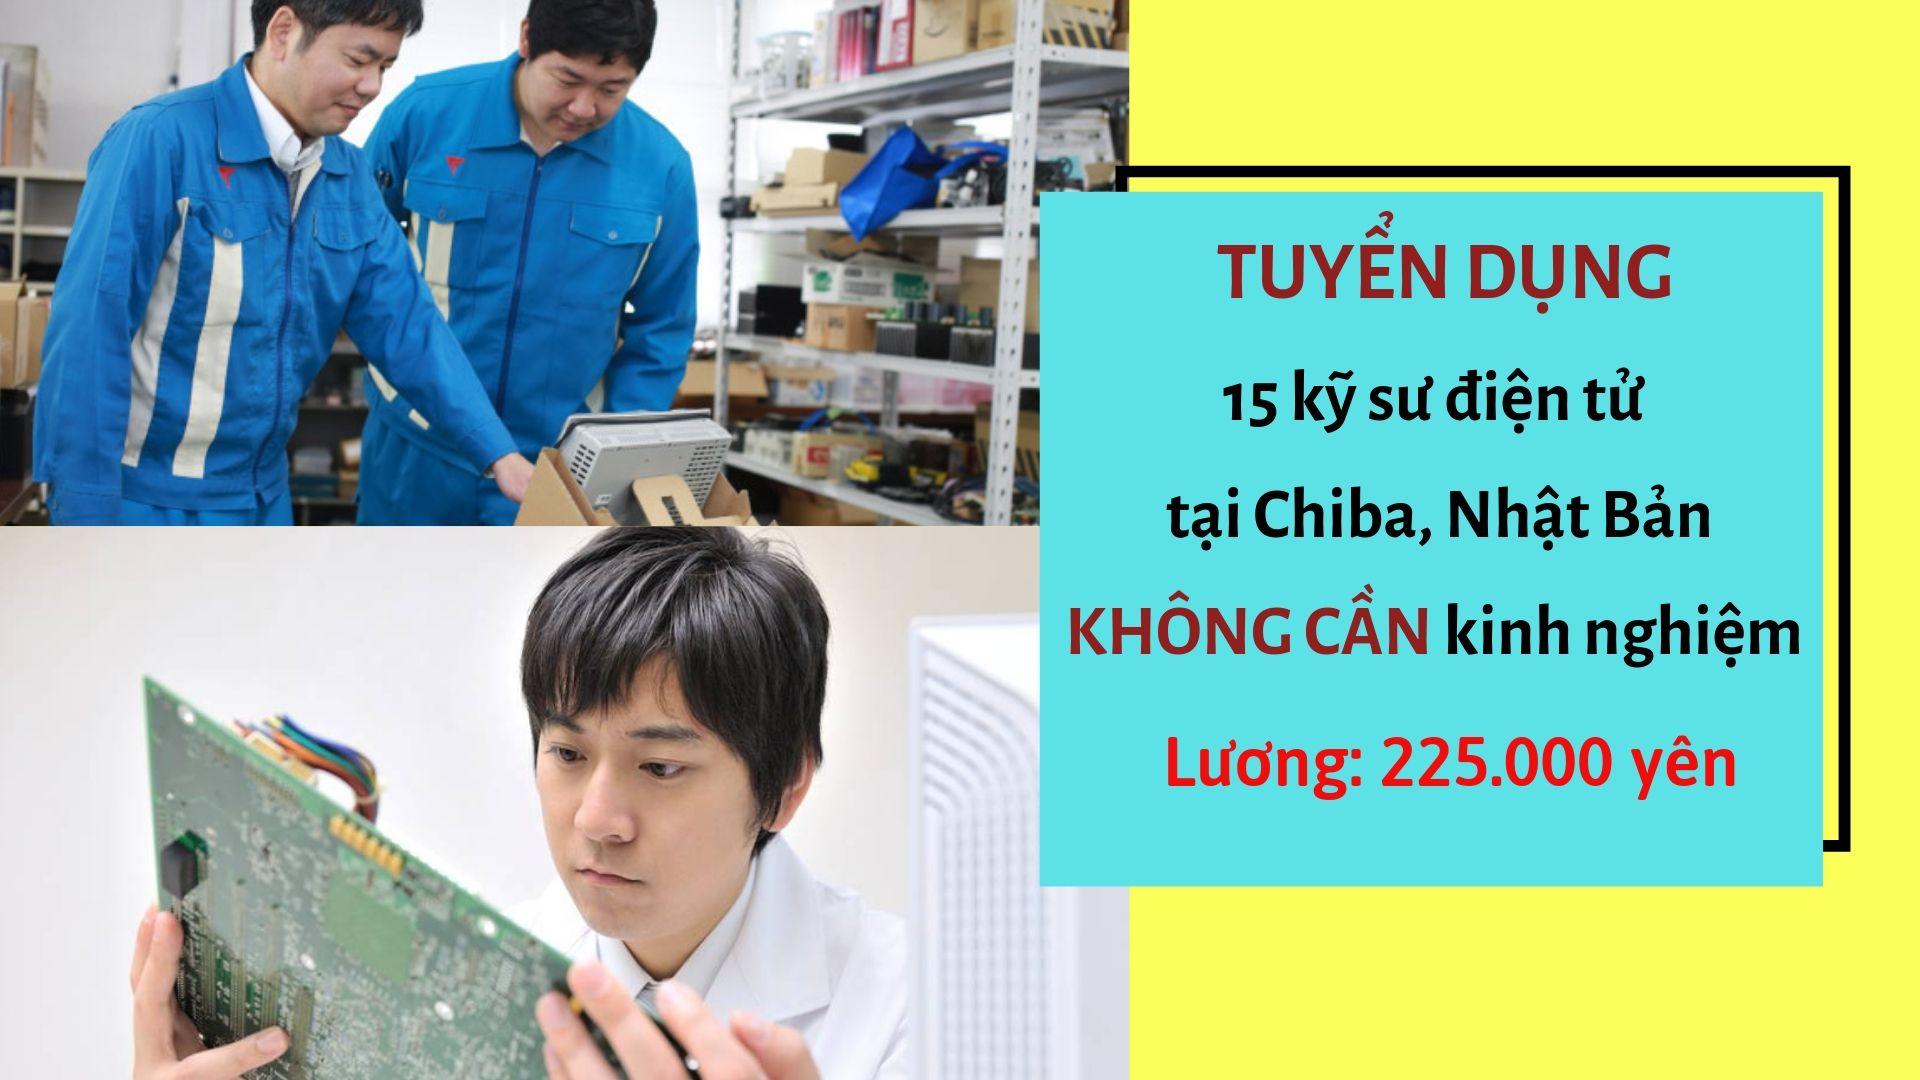 Đơn hàng kỹ sư điện tử Nhật Bản KHÔNG CẦN kinh nghiệm làm việc tại Chiba